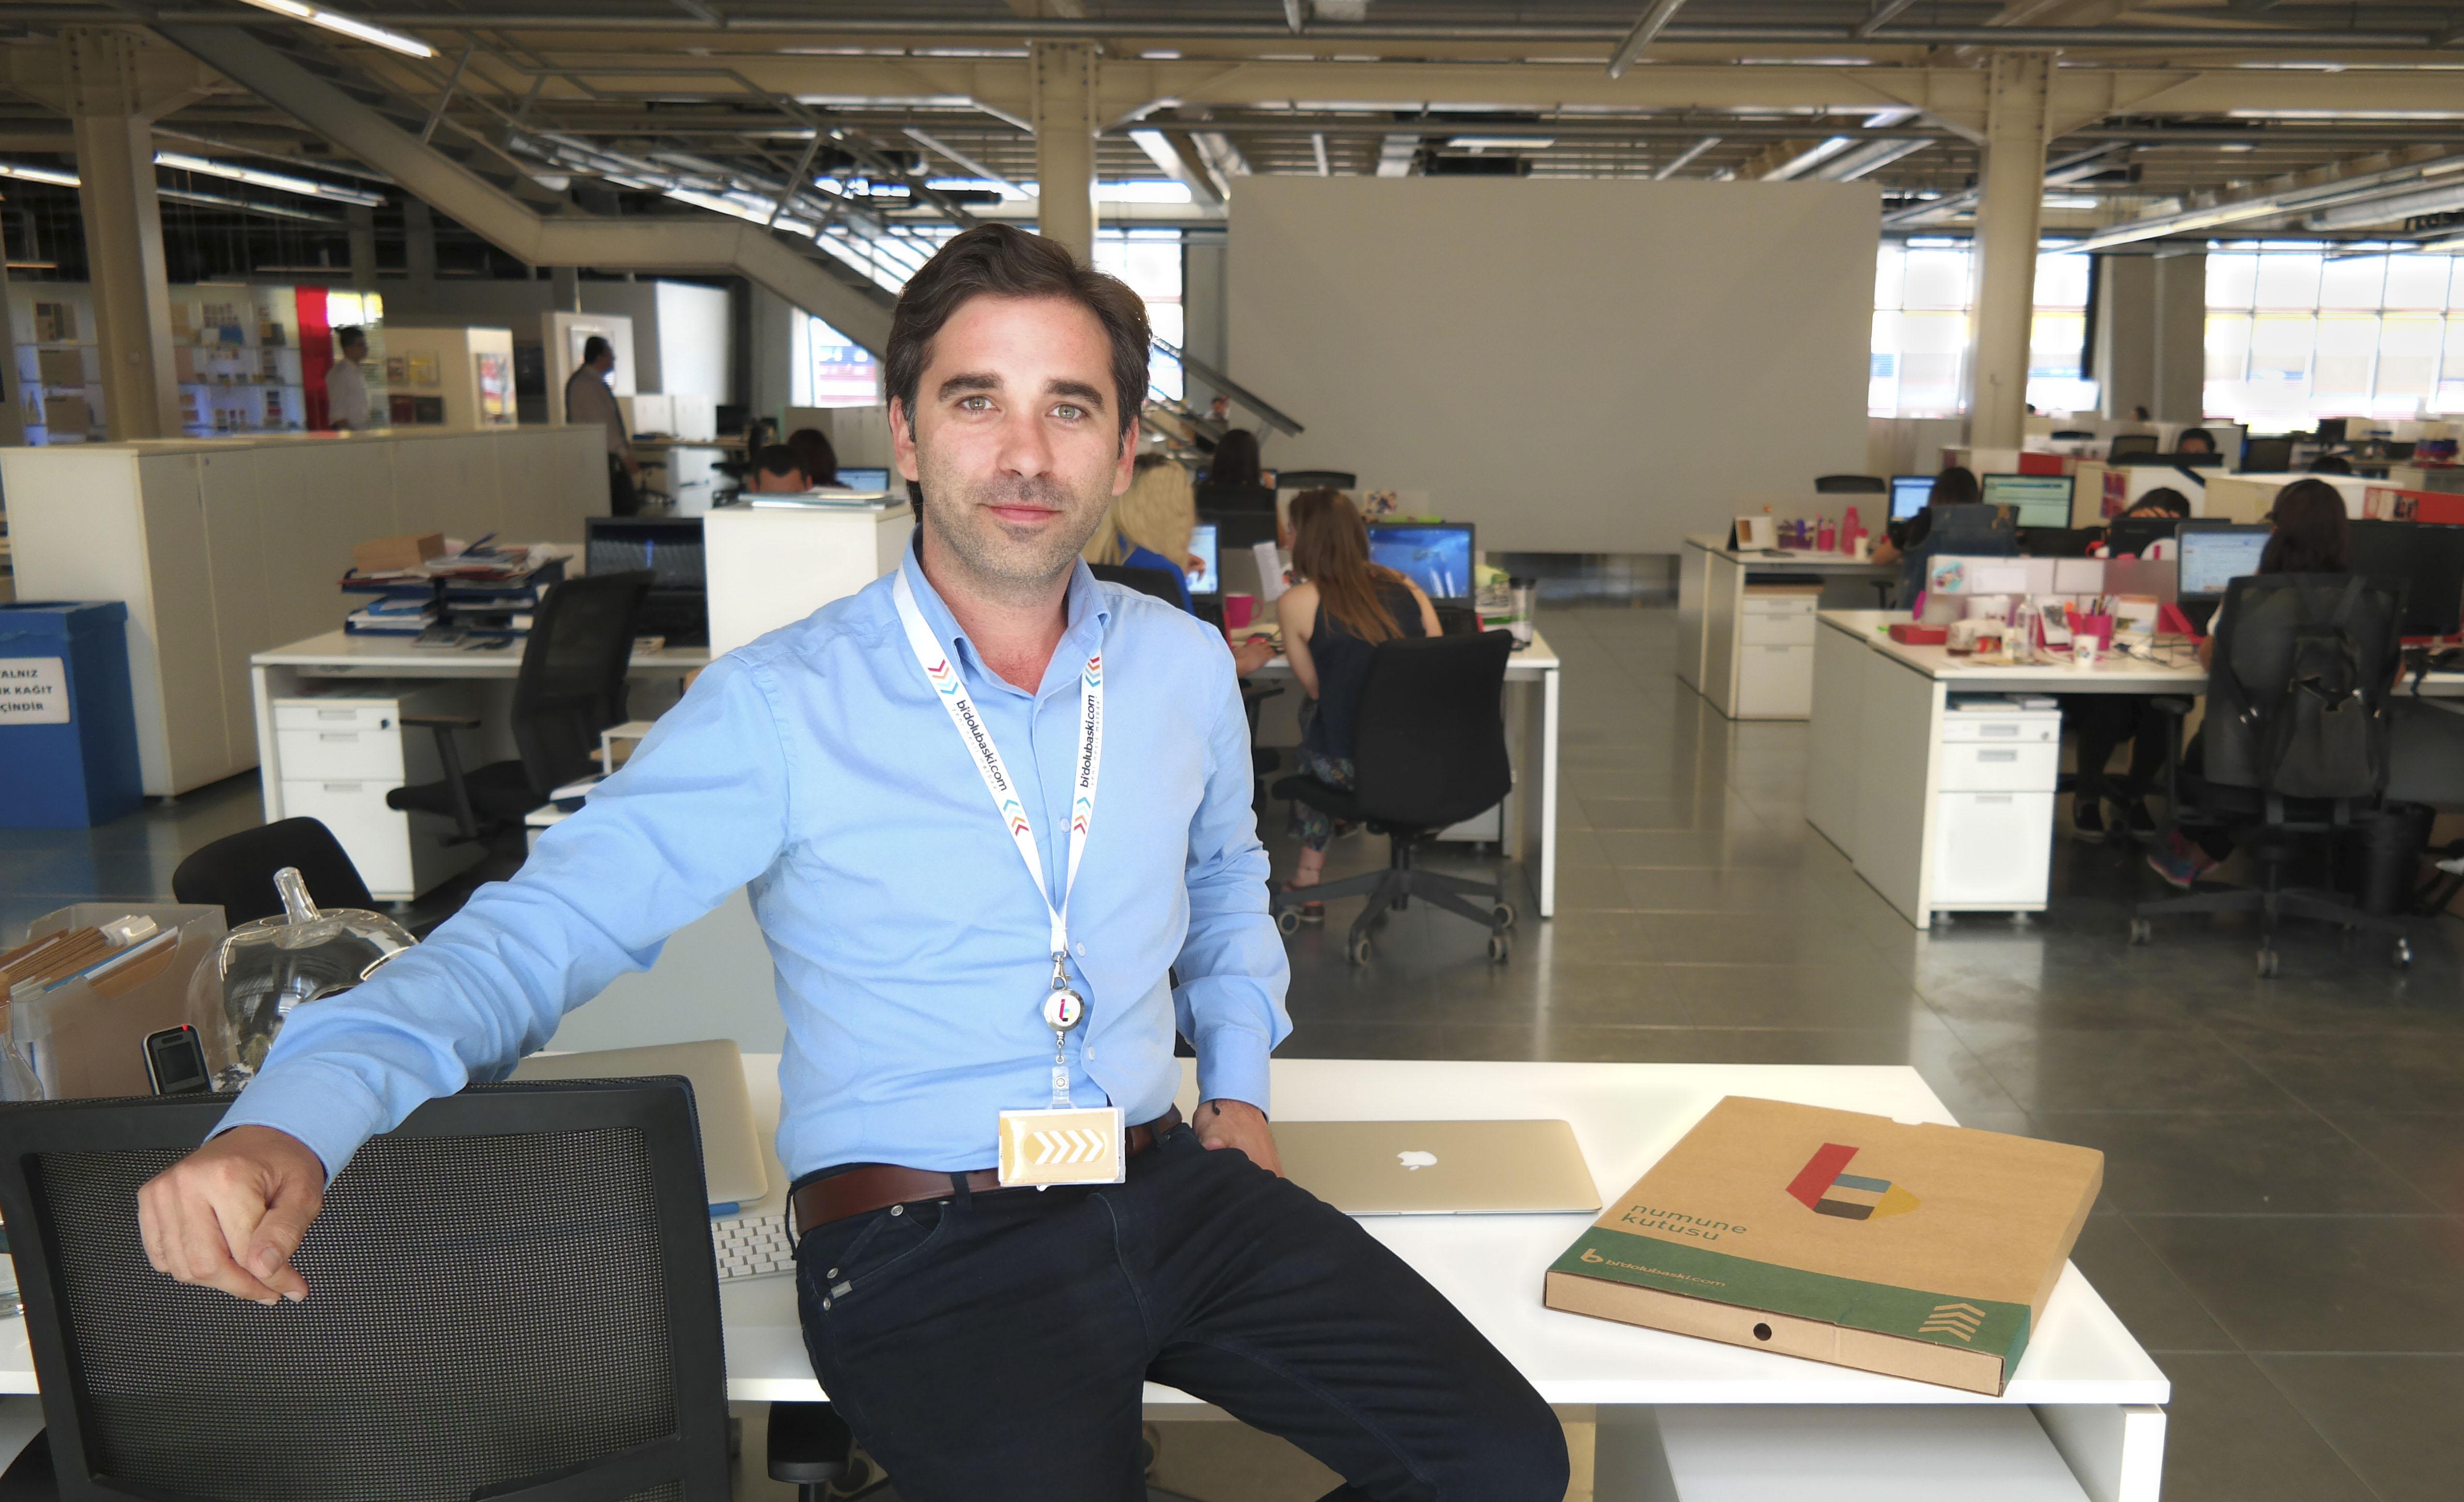 Bidolubaskı CEO'su Ömer Atakoğlu ile Online Matbaacılık Üzerine